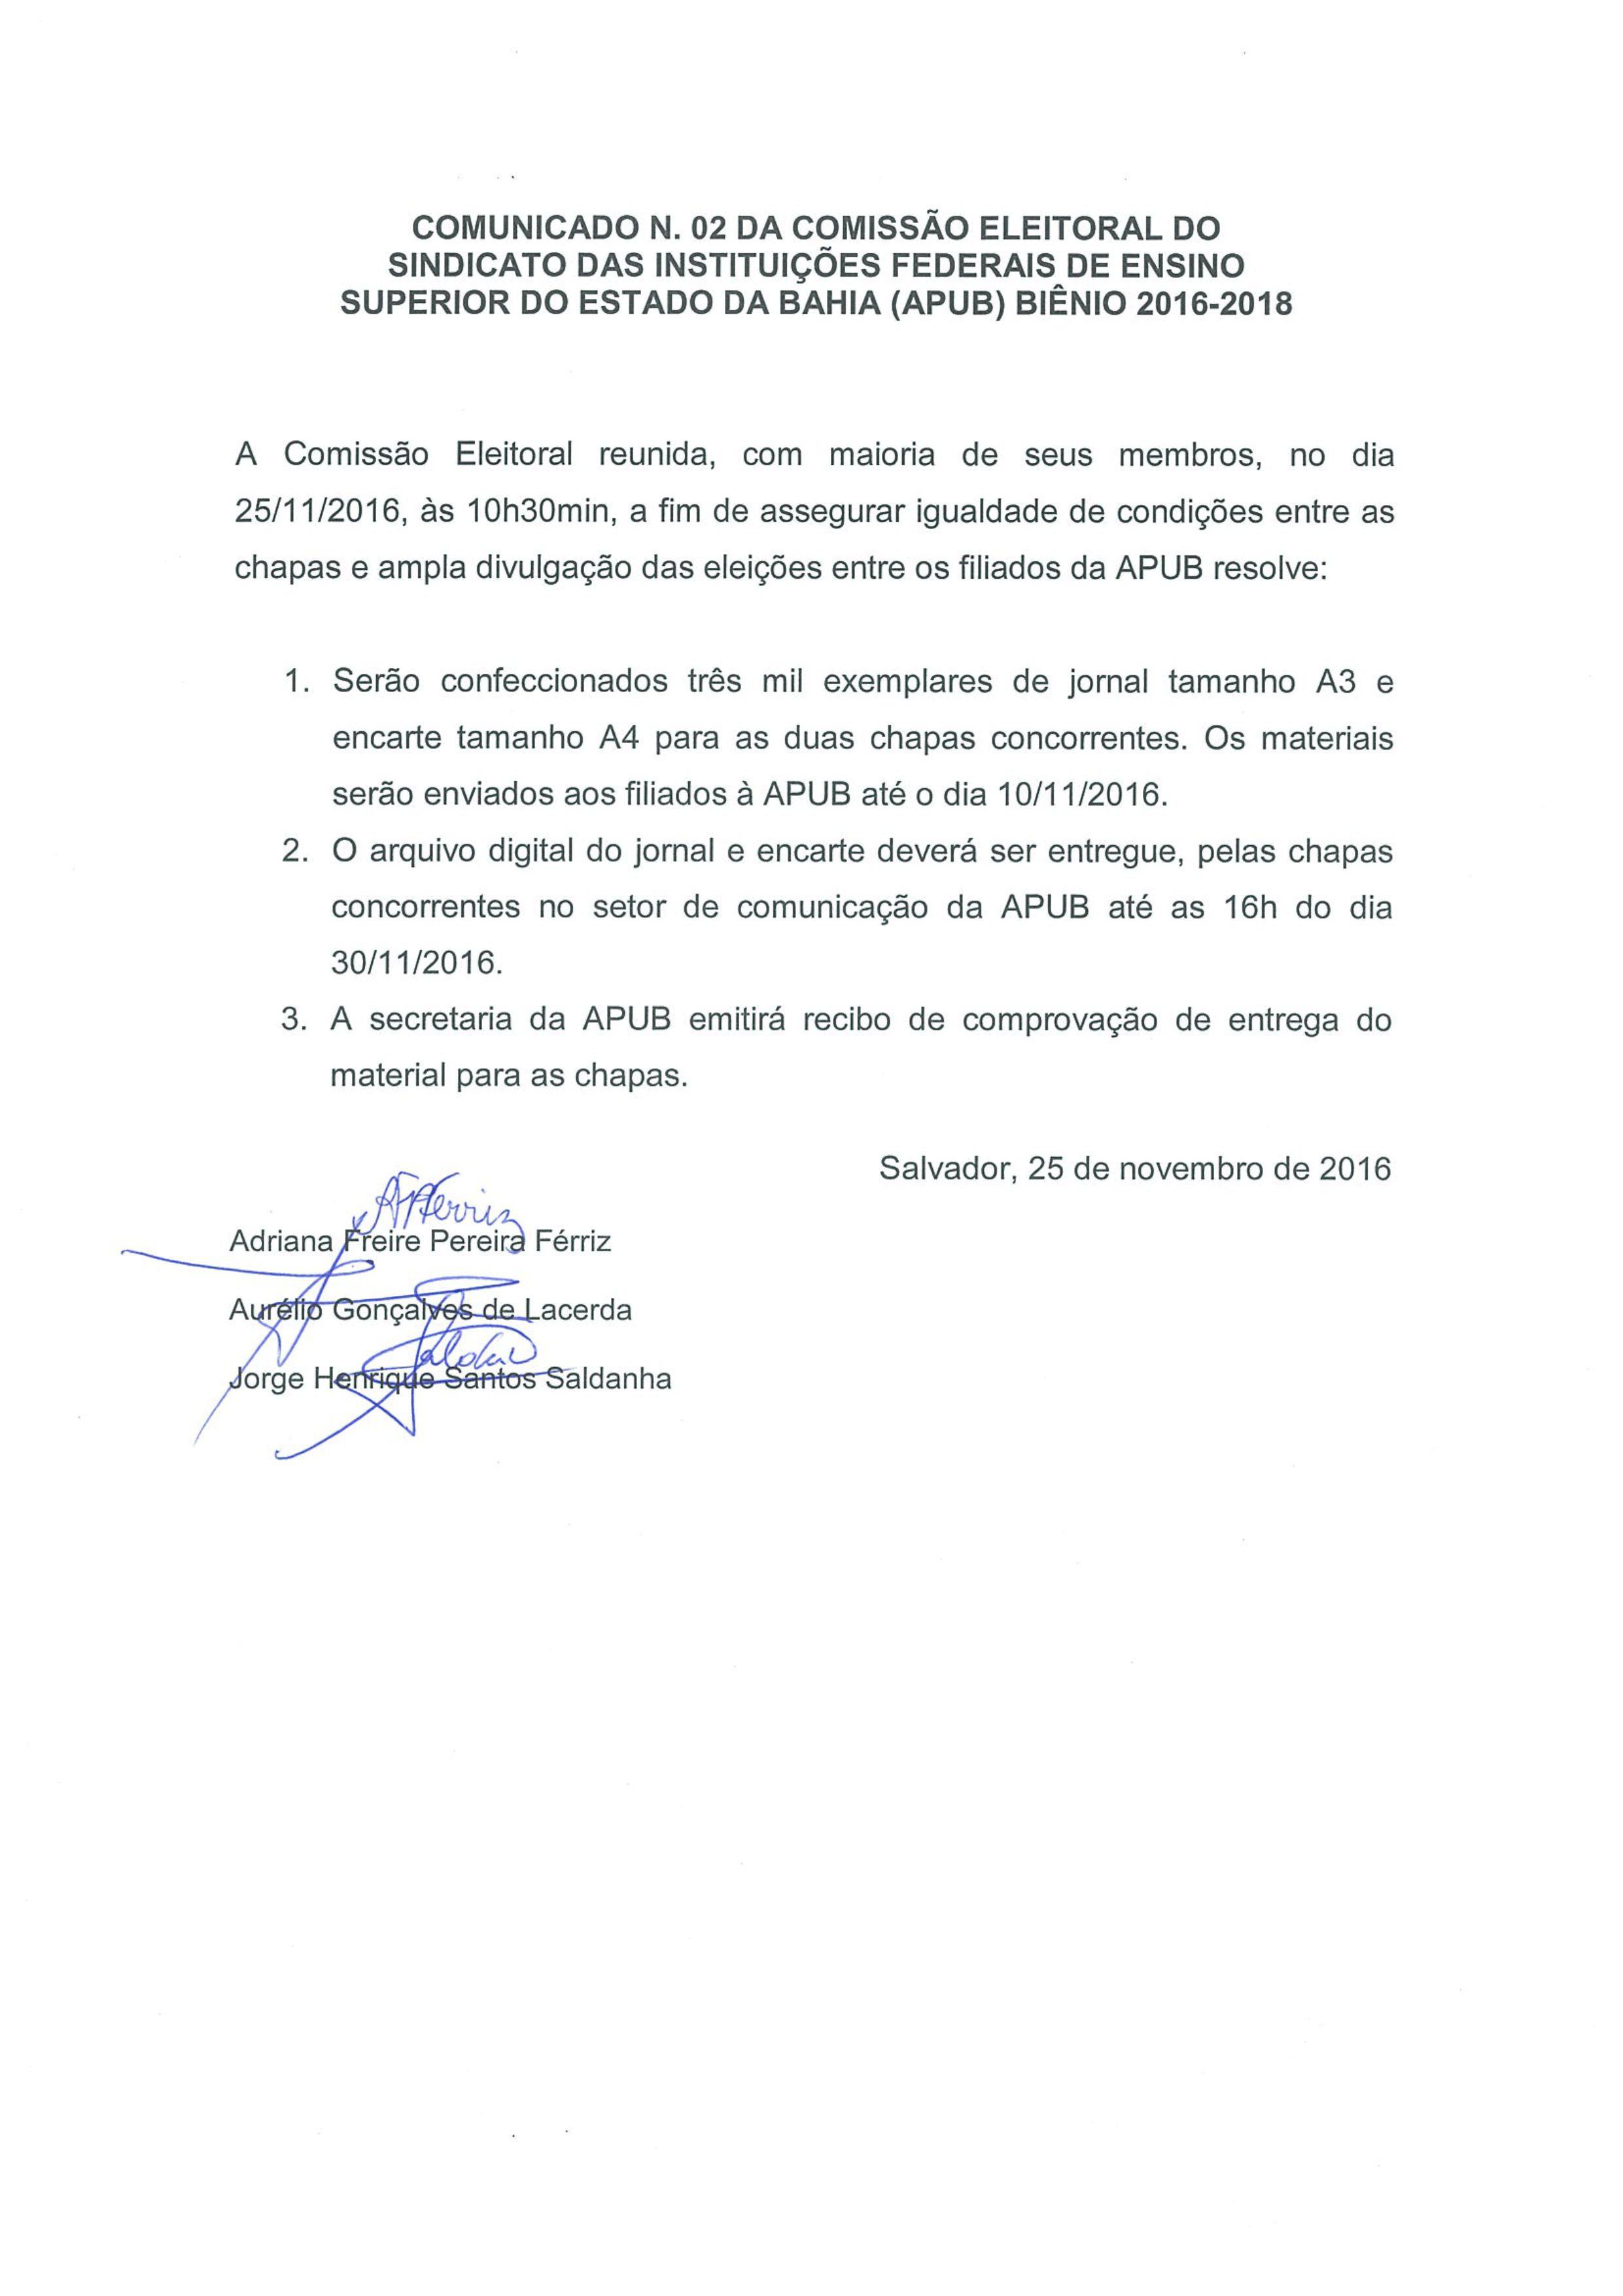 COMUNICADO N 1 DA COMISSAO ELEITORAL PARTE 2